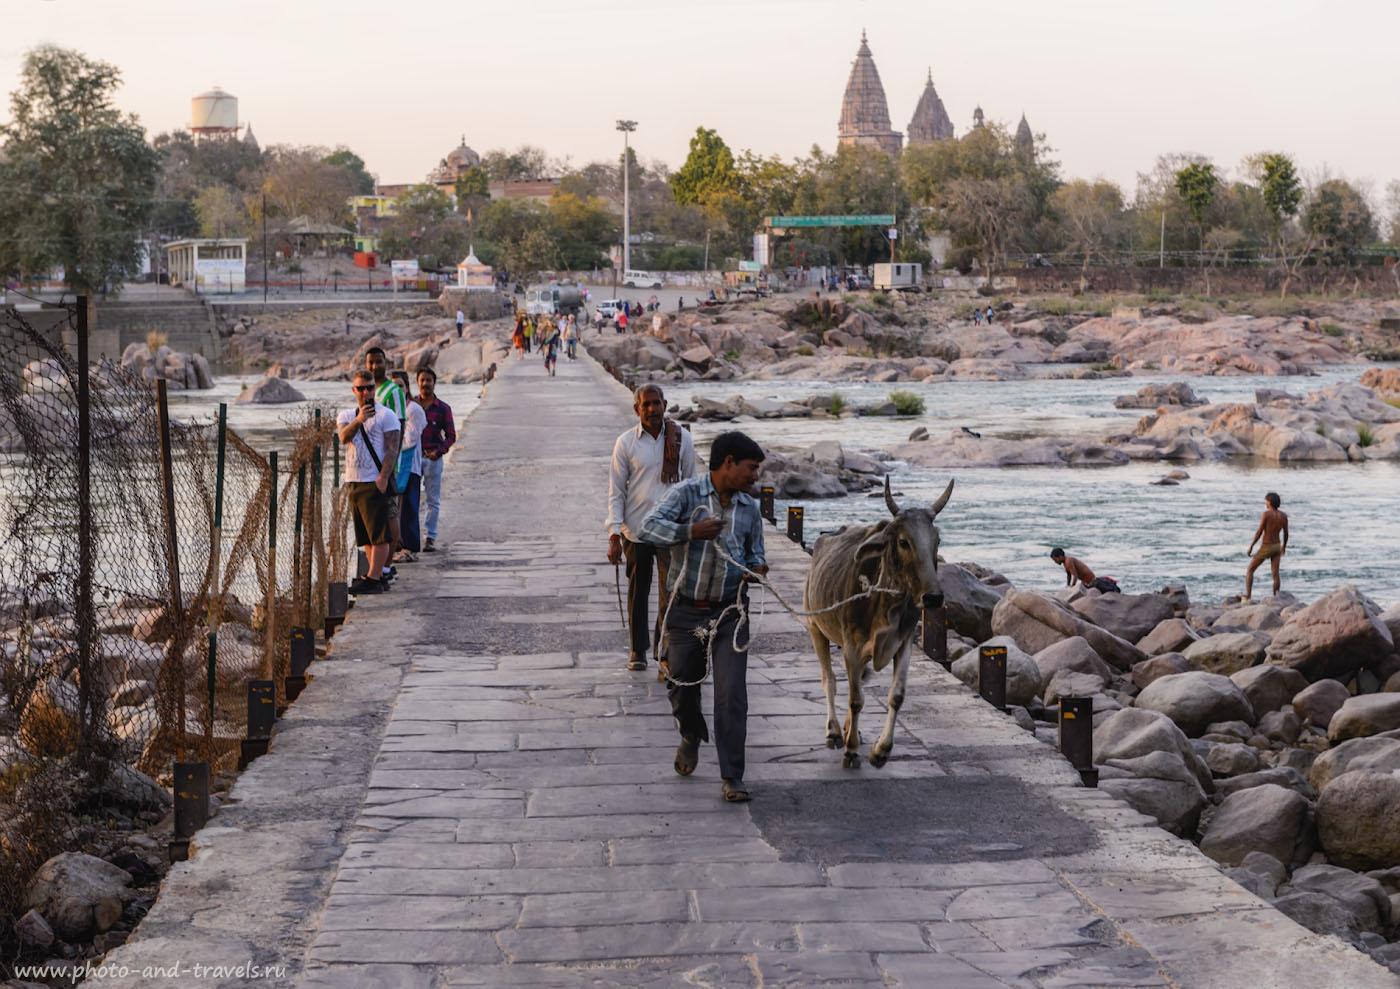 Фотография 5. Сценка из жизни Орчхи. Мост через реку Бетва. Поездка в Индию самостоятельно. 1/160, -0.67, 6.3, 320, 62.